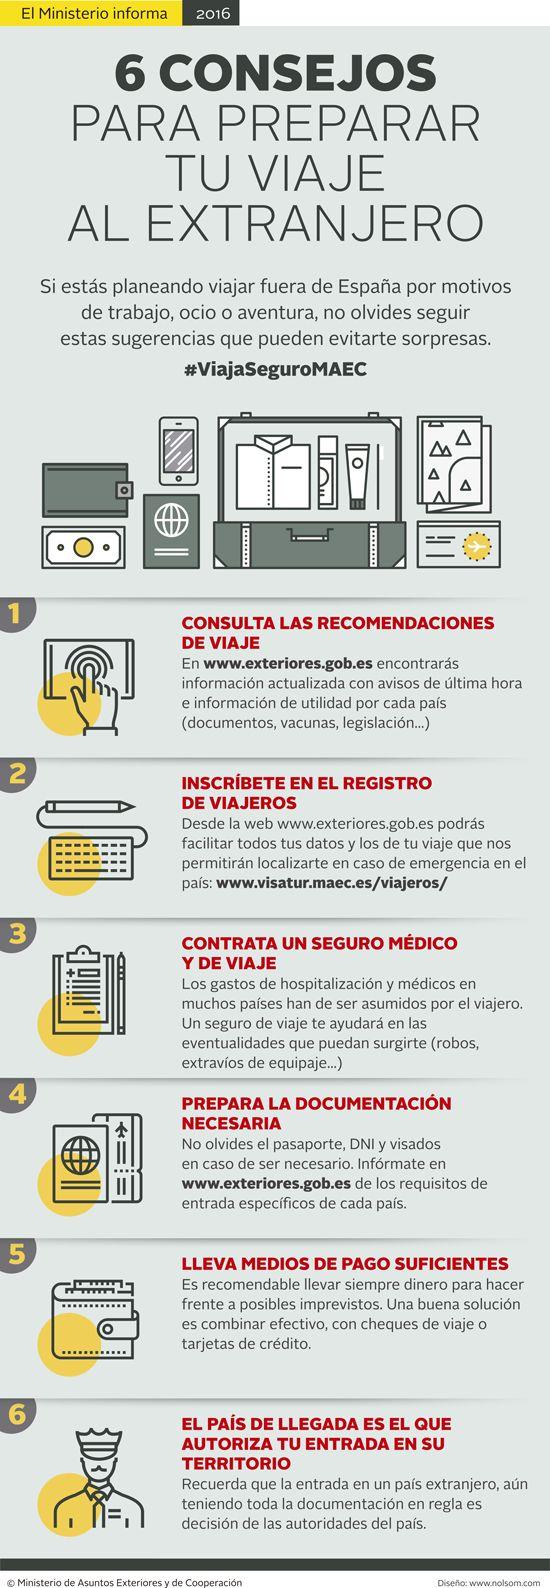 Infografía 6 consejos para preparar tu viaje al extranjero